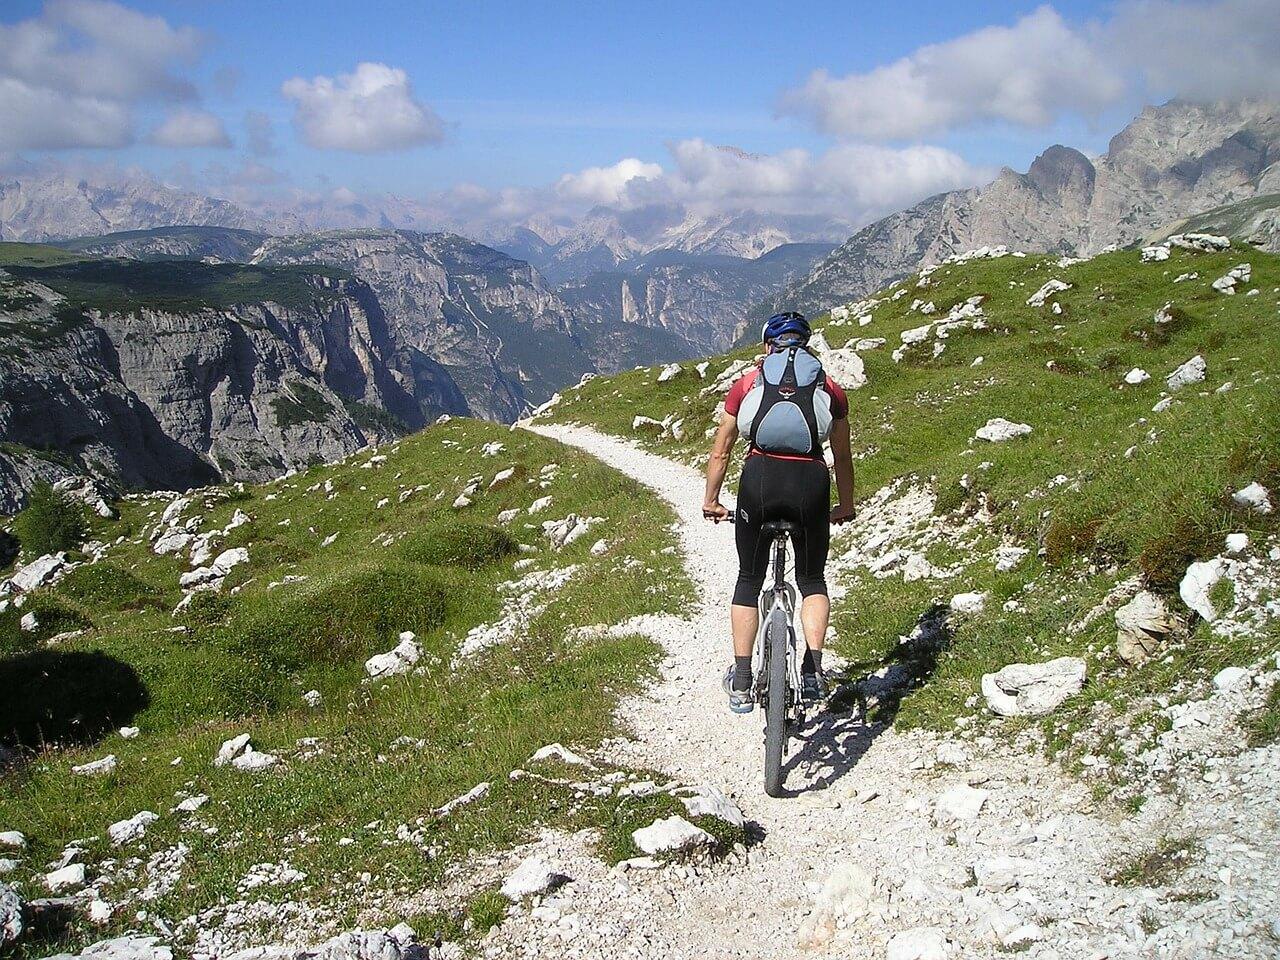 リュック背負って自転車乗ってる人の画像